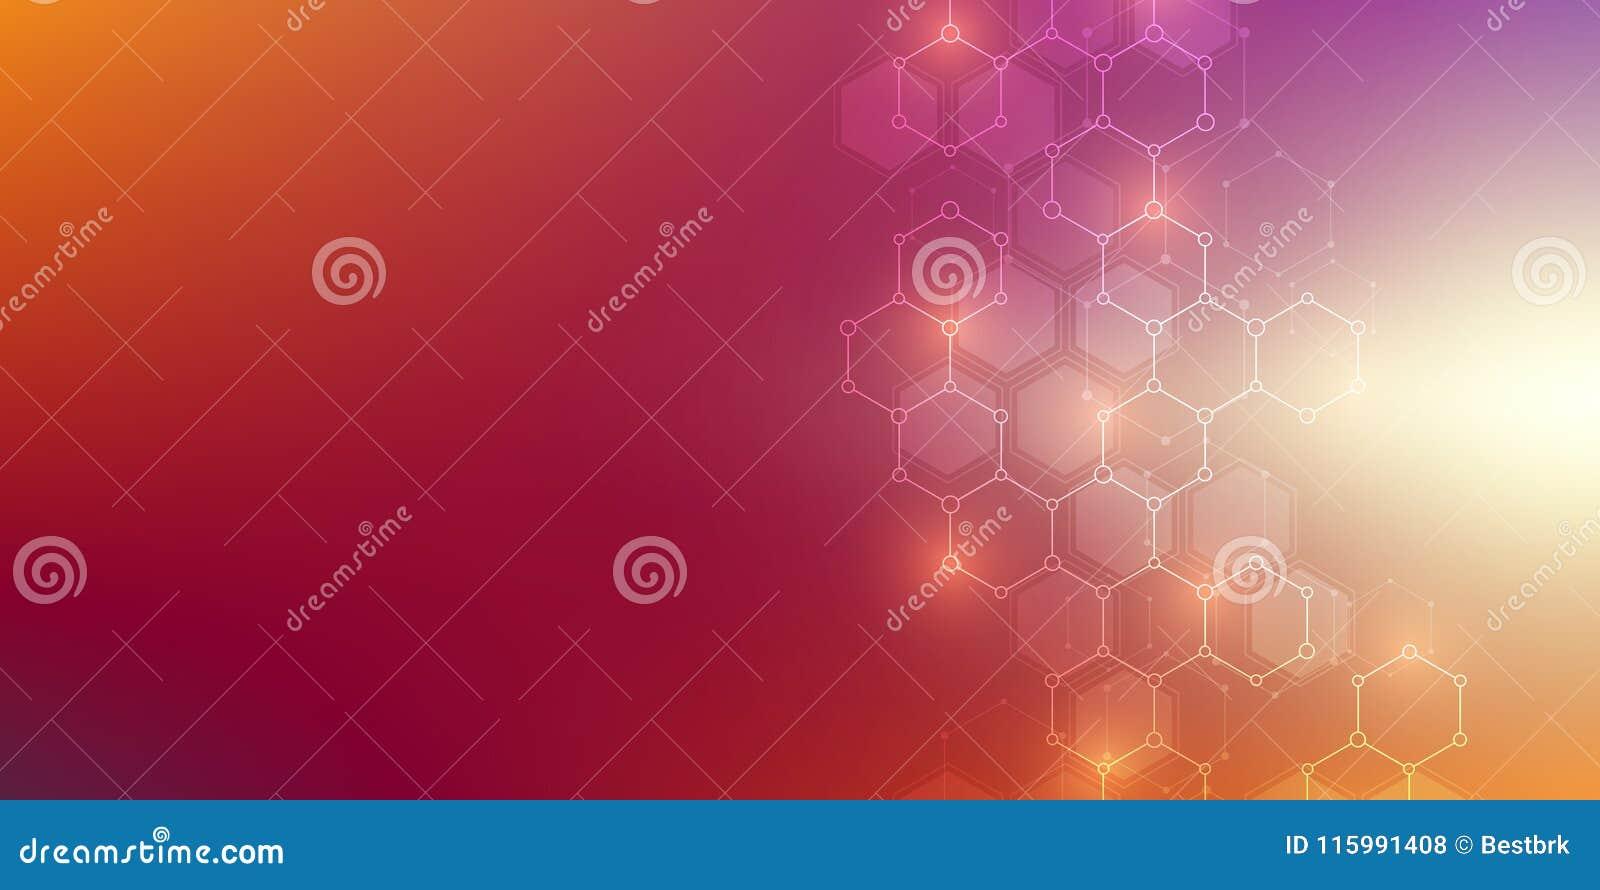 Fundo médico ou projeto do vetor da ciência Estrutura molecular e compostos químicos Geométrico e poligonal